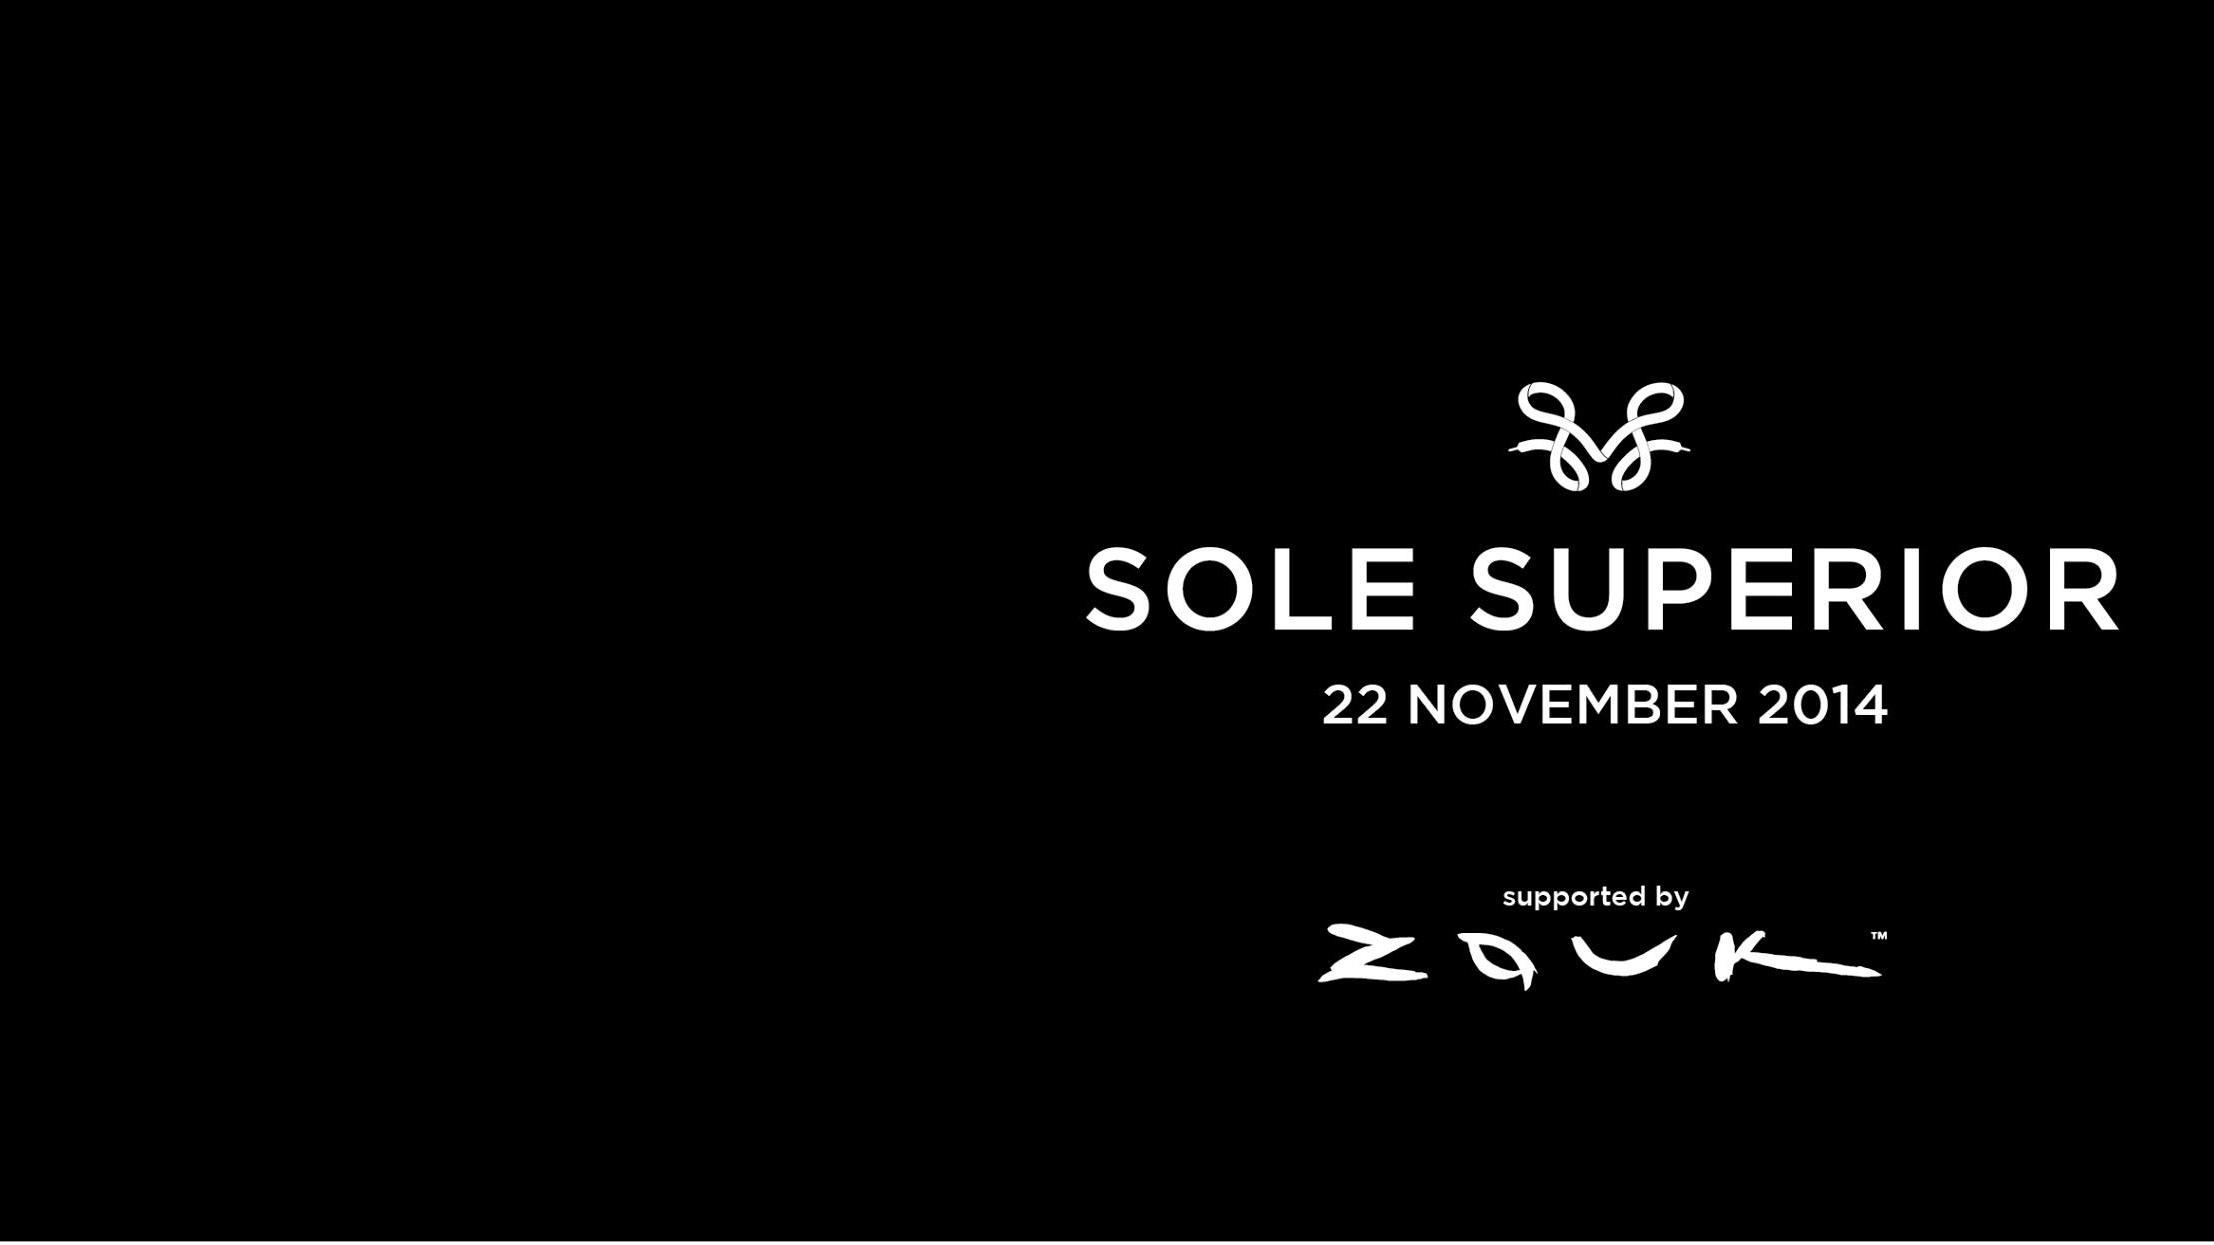 Sole Superior SG